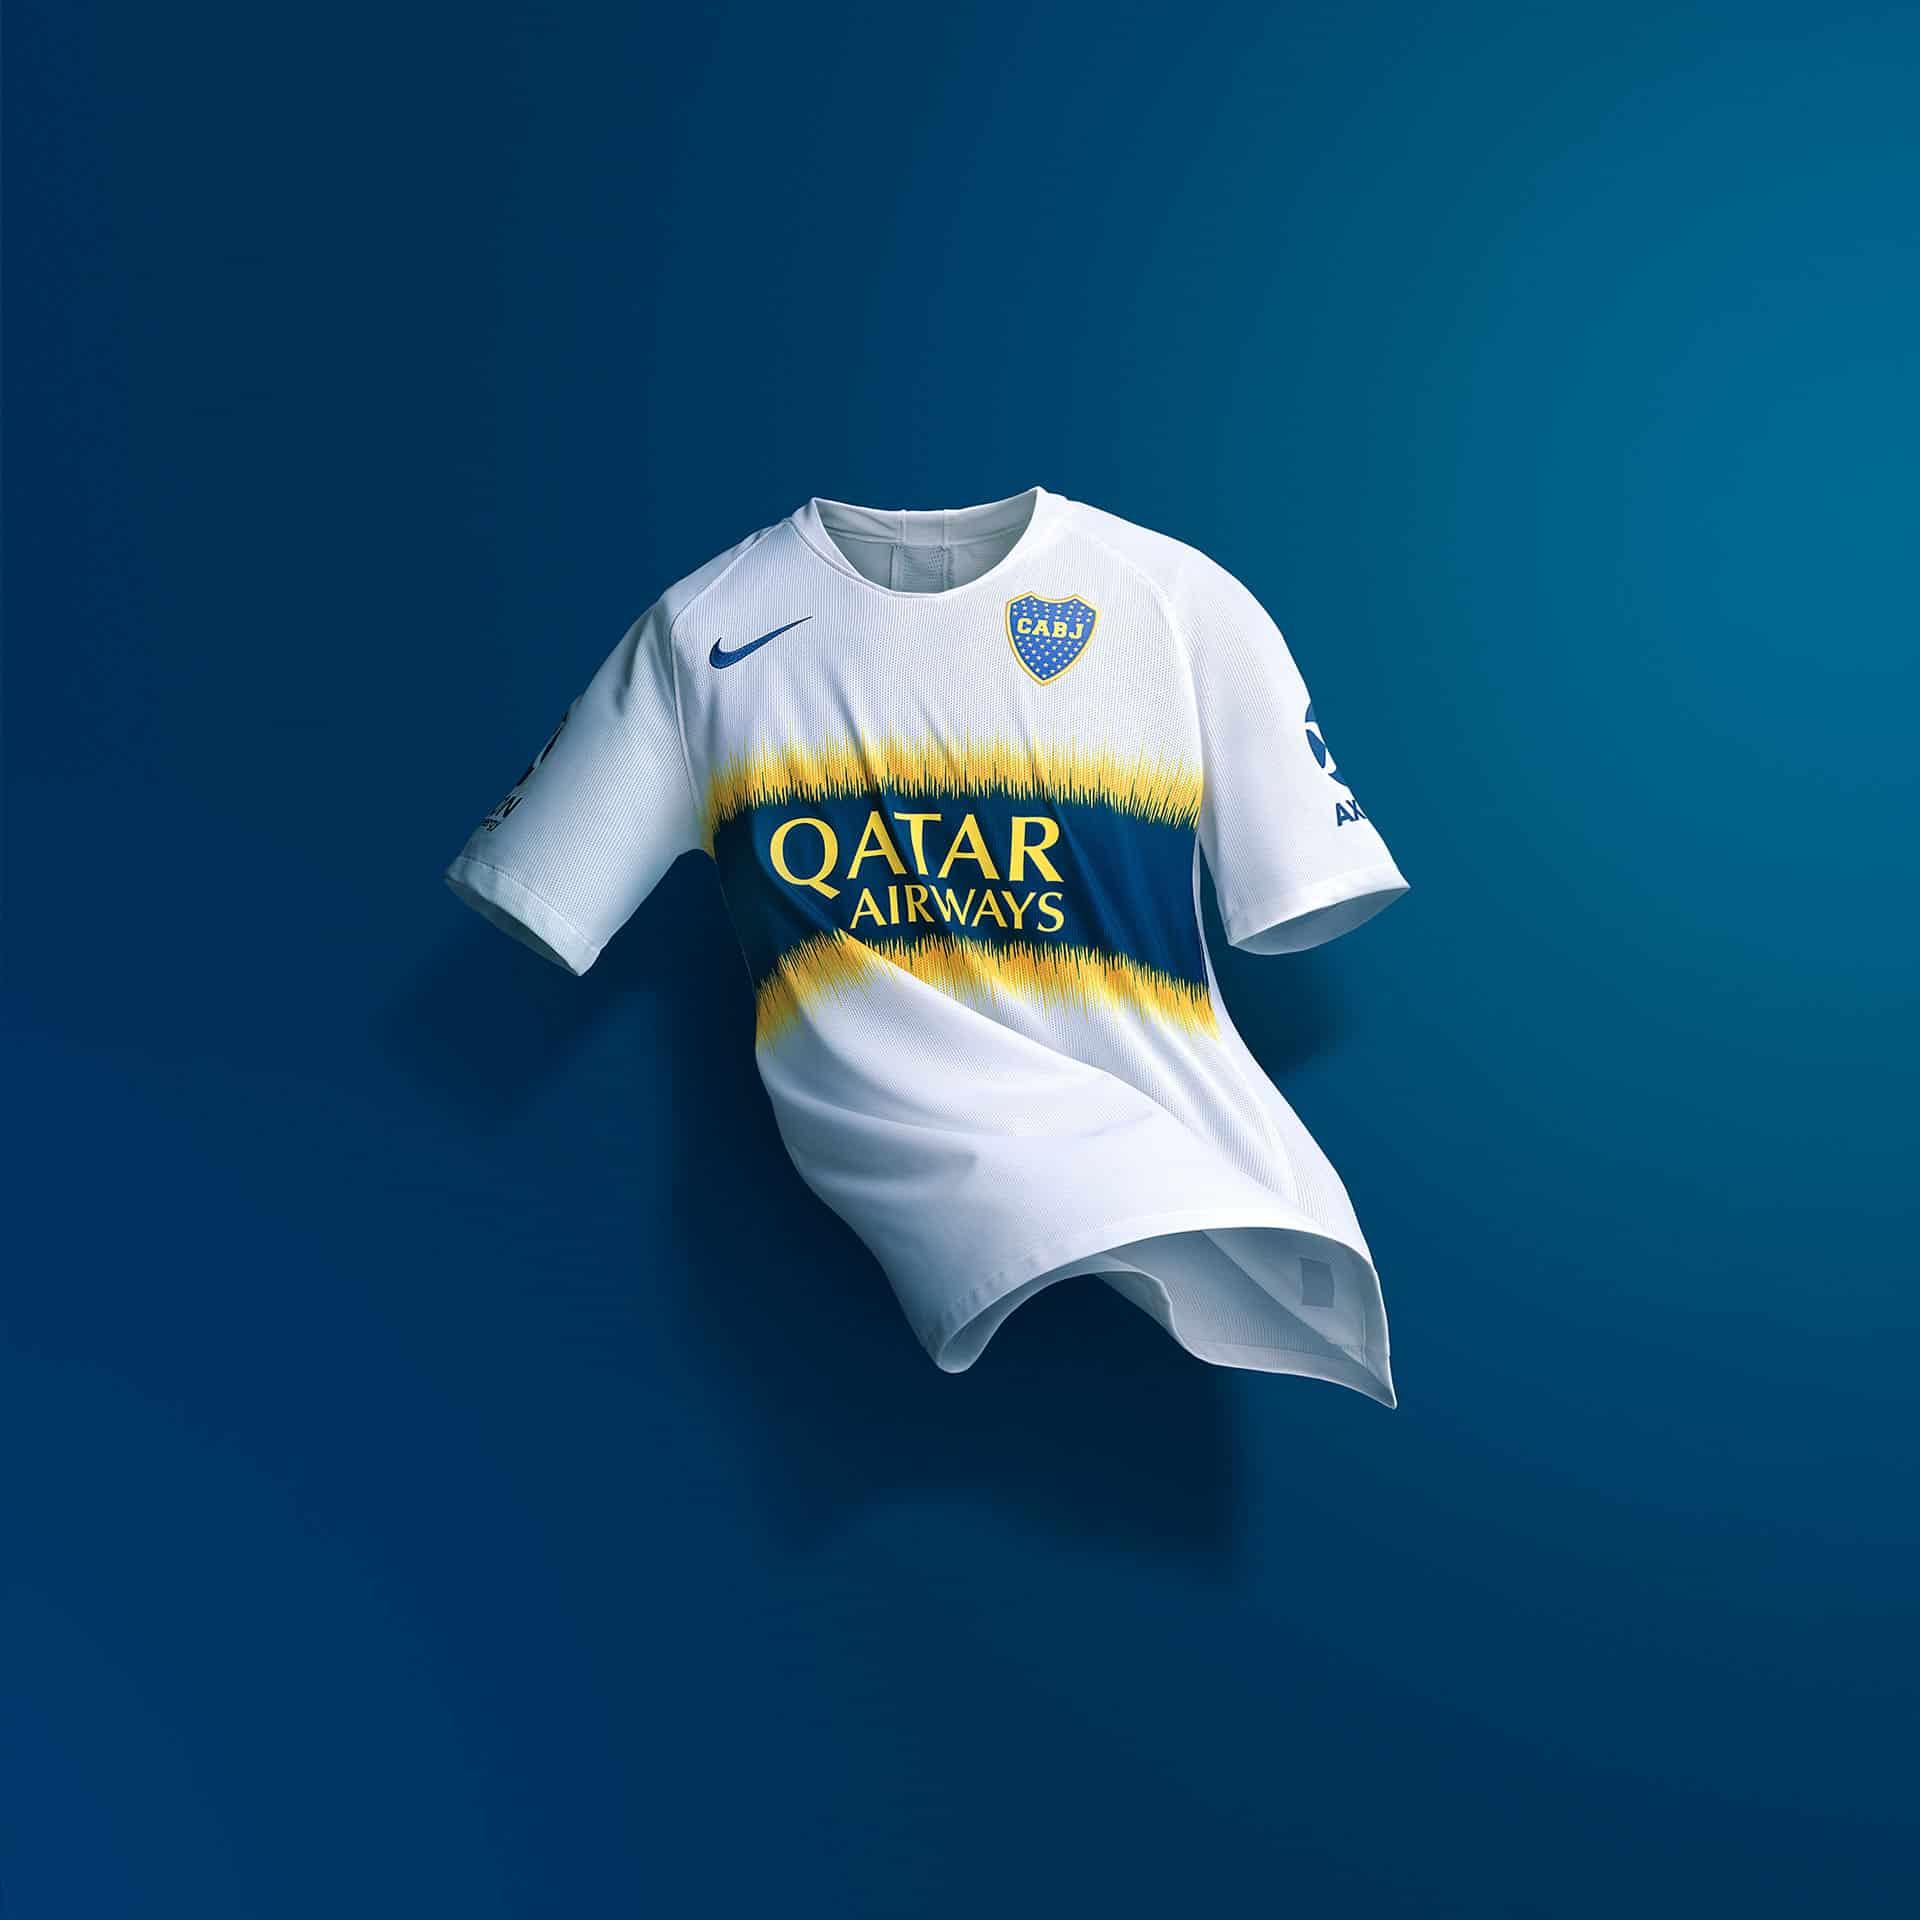 Nike dévoile les maillots 2018 2019 de Boca Juniors